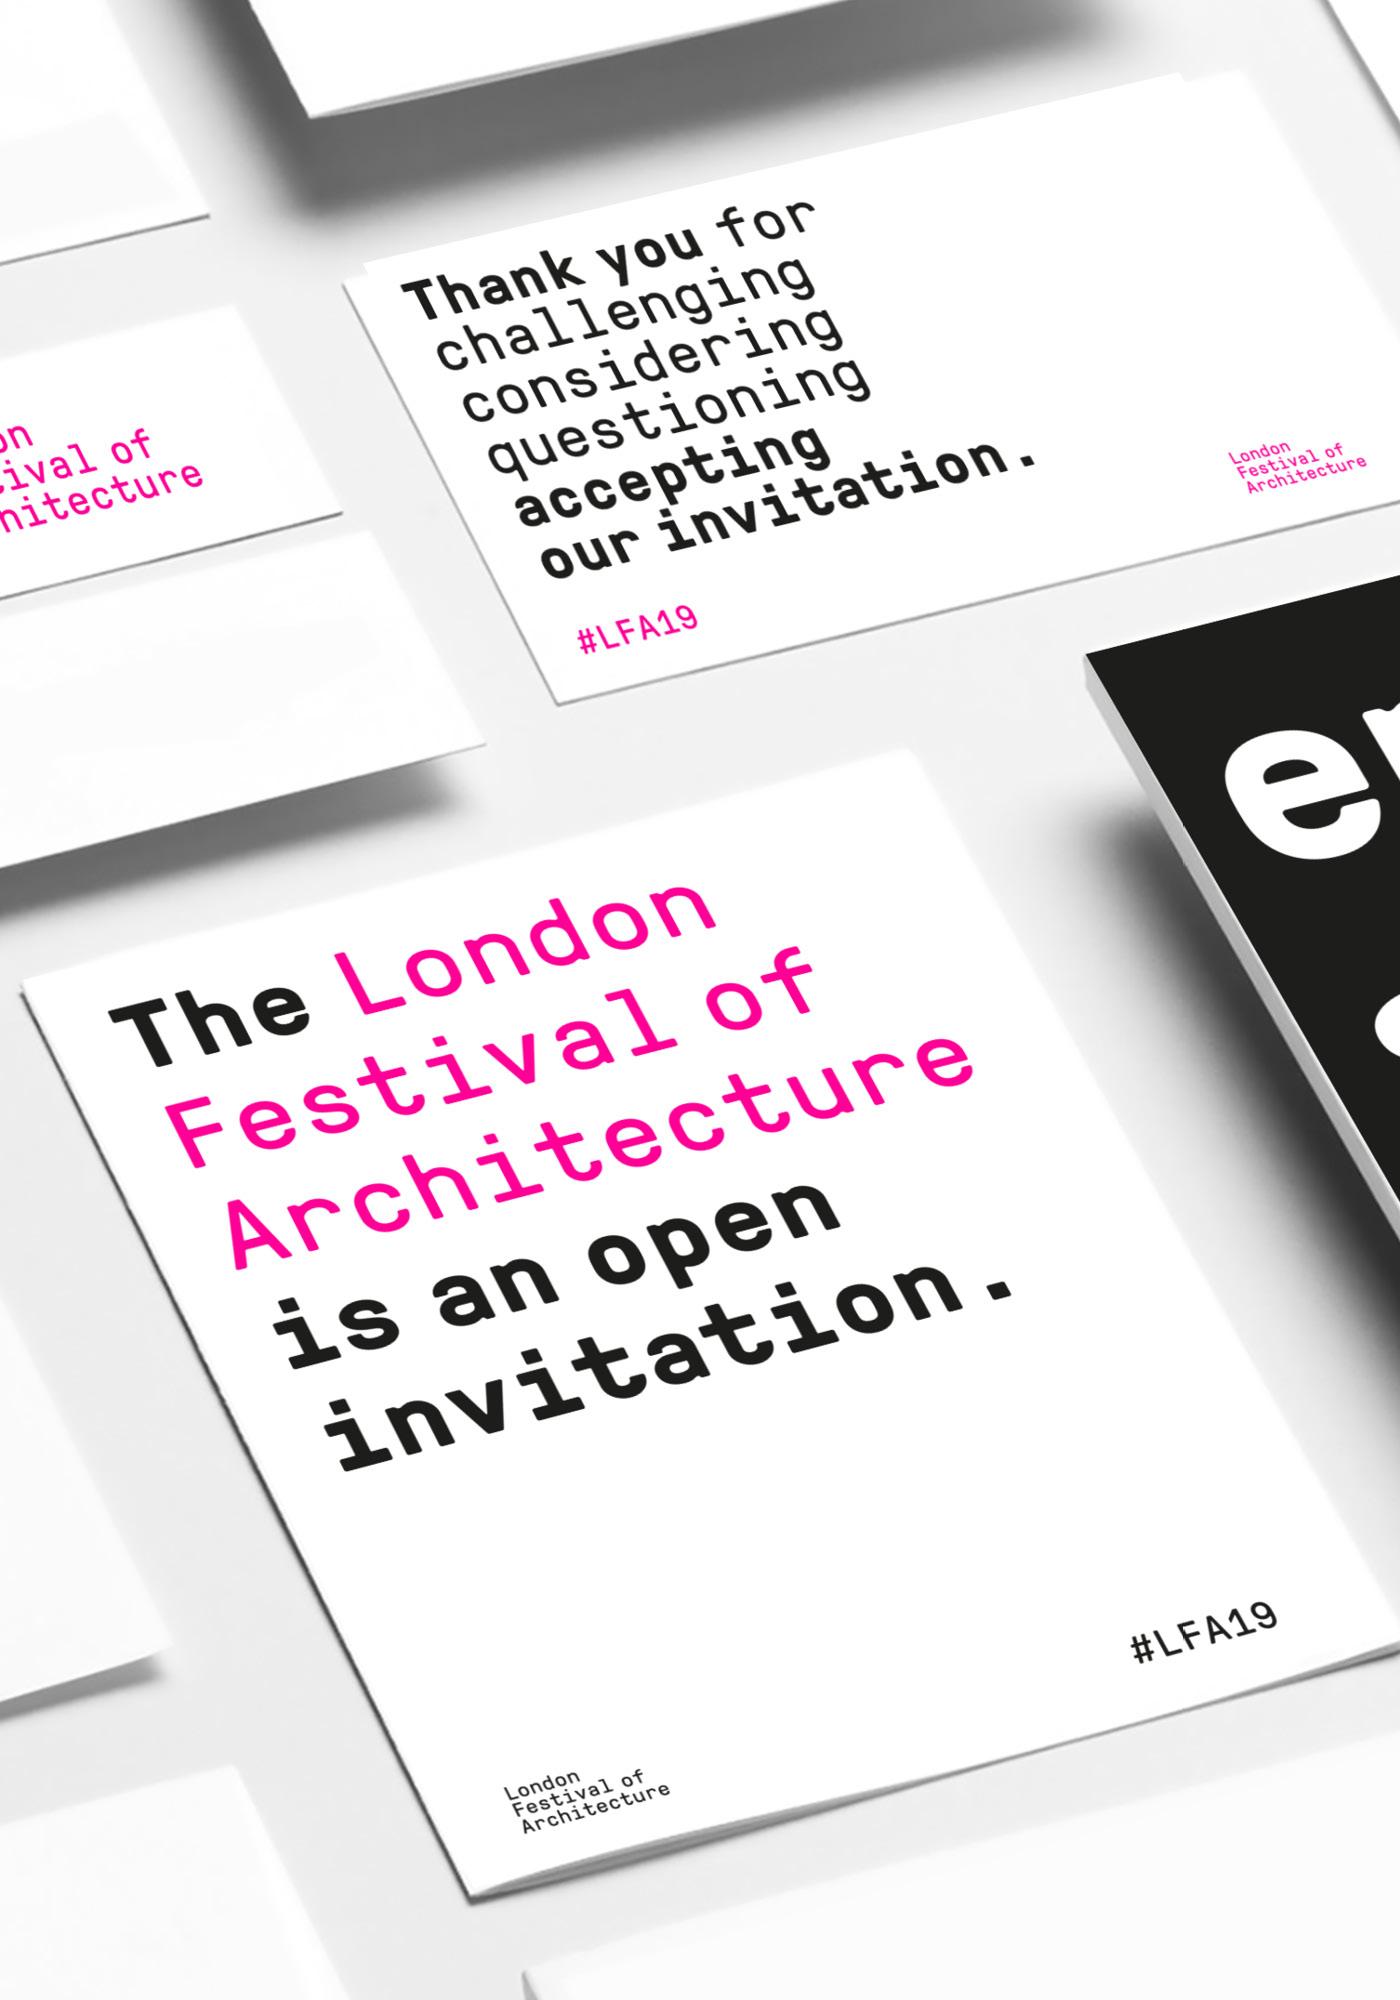 kevin-kremer_branding_london-festival-of-architecture_09.jpg